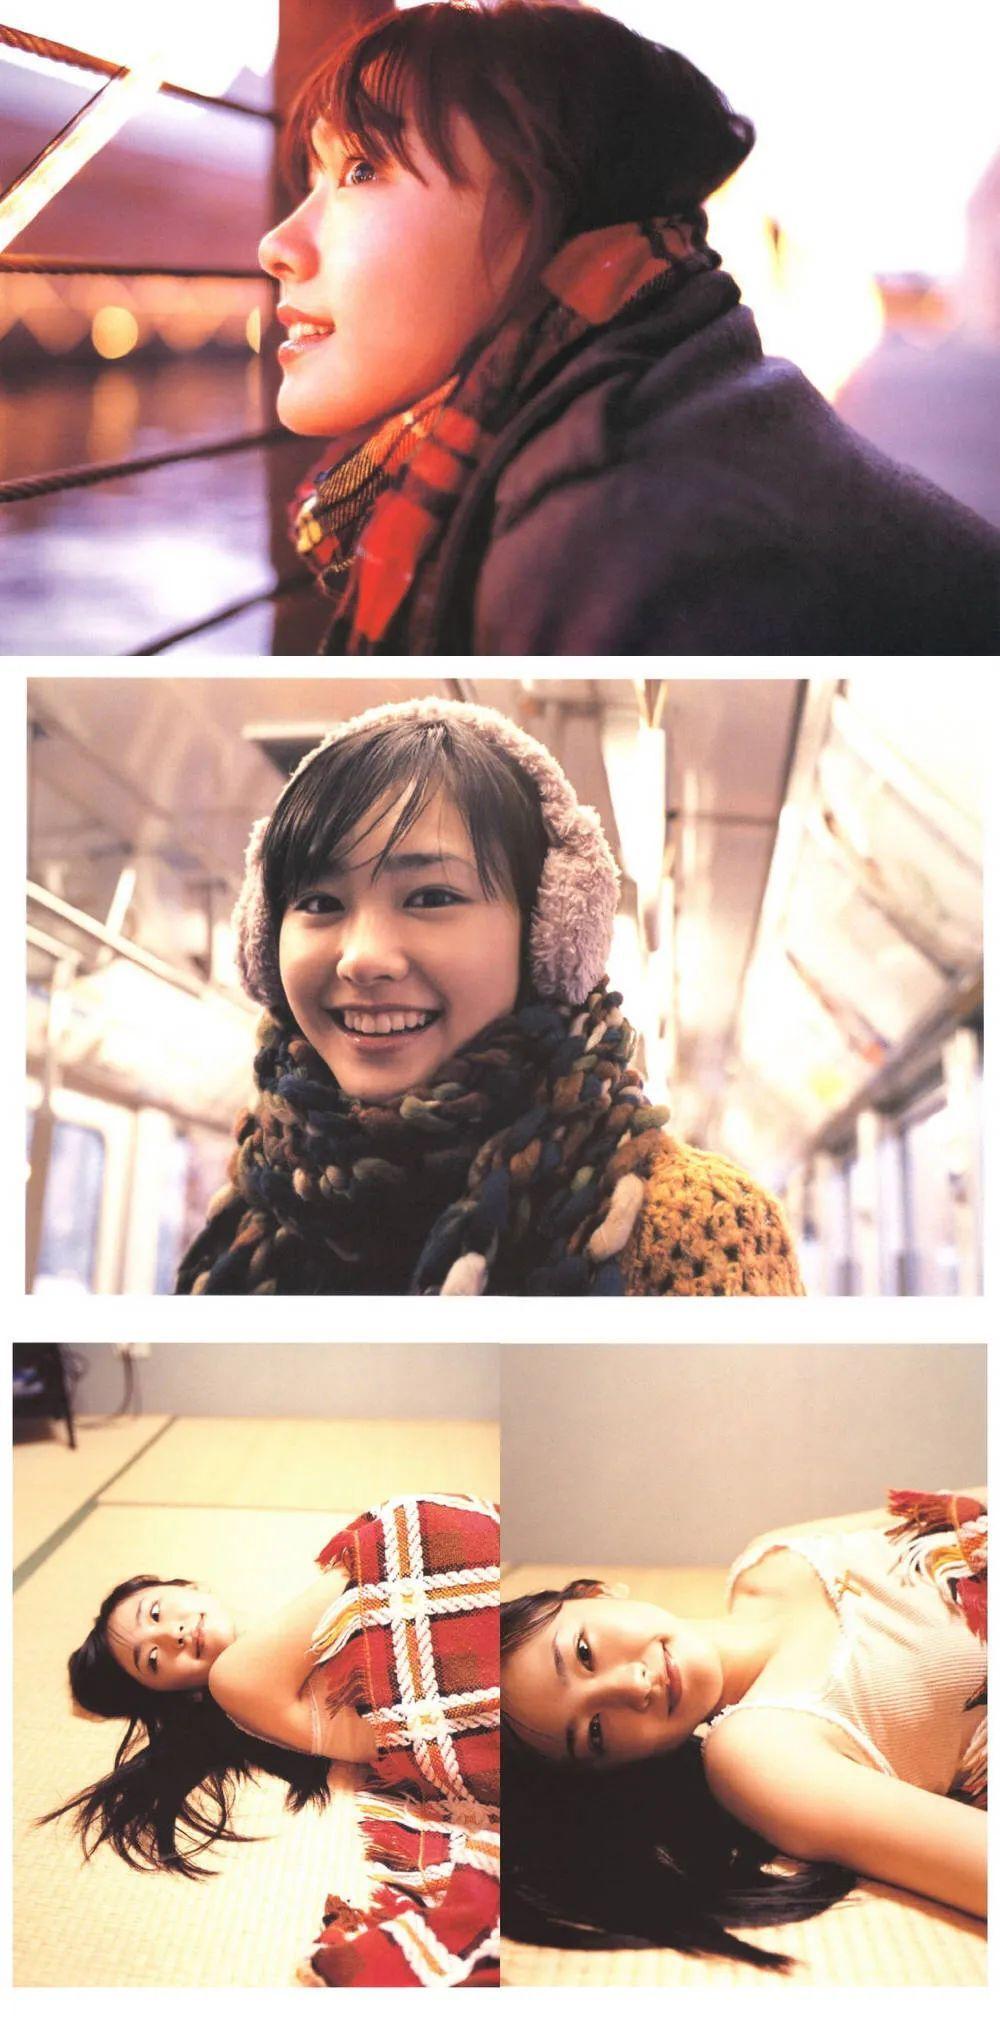 新垣结衣18岁写真集,从小美到大!_图片 No.4